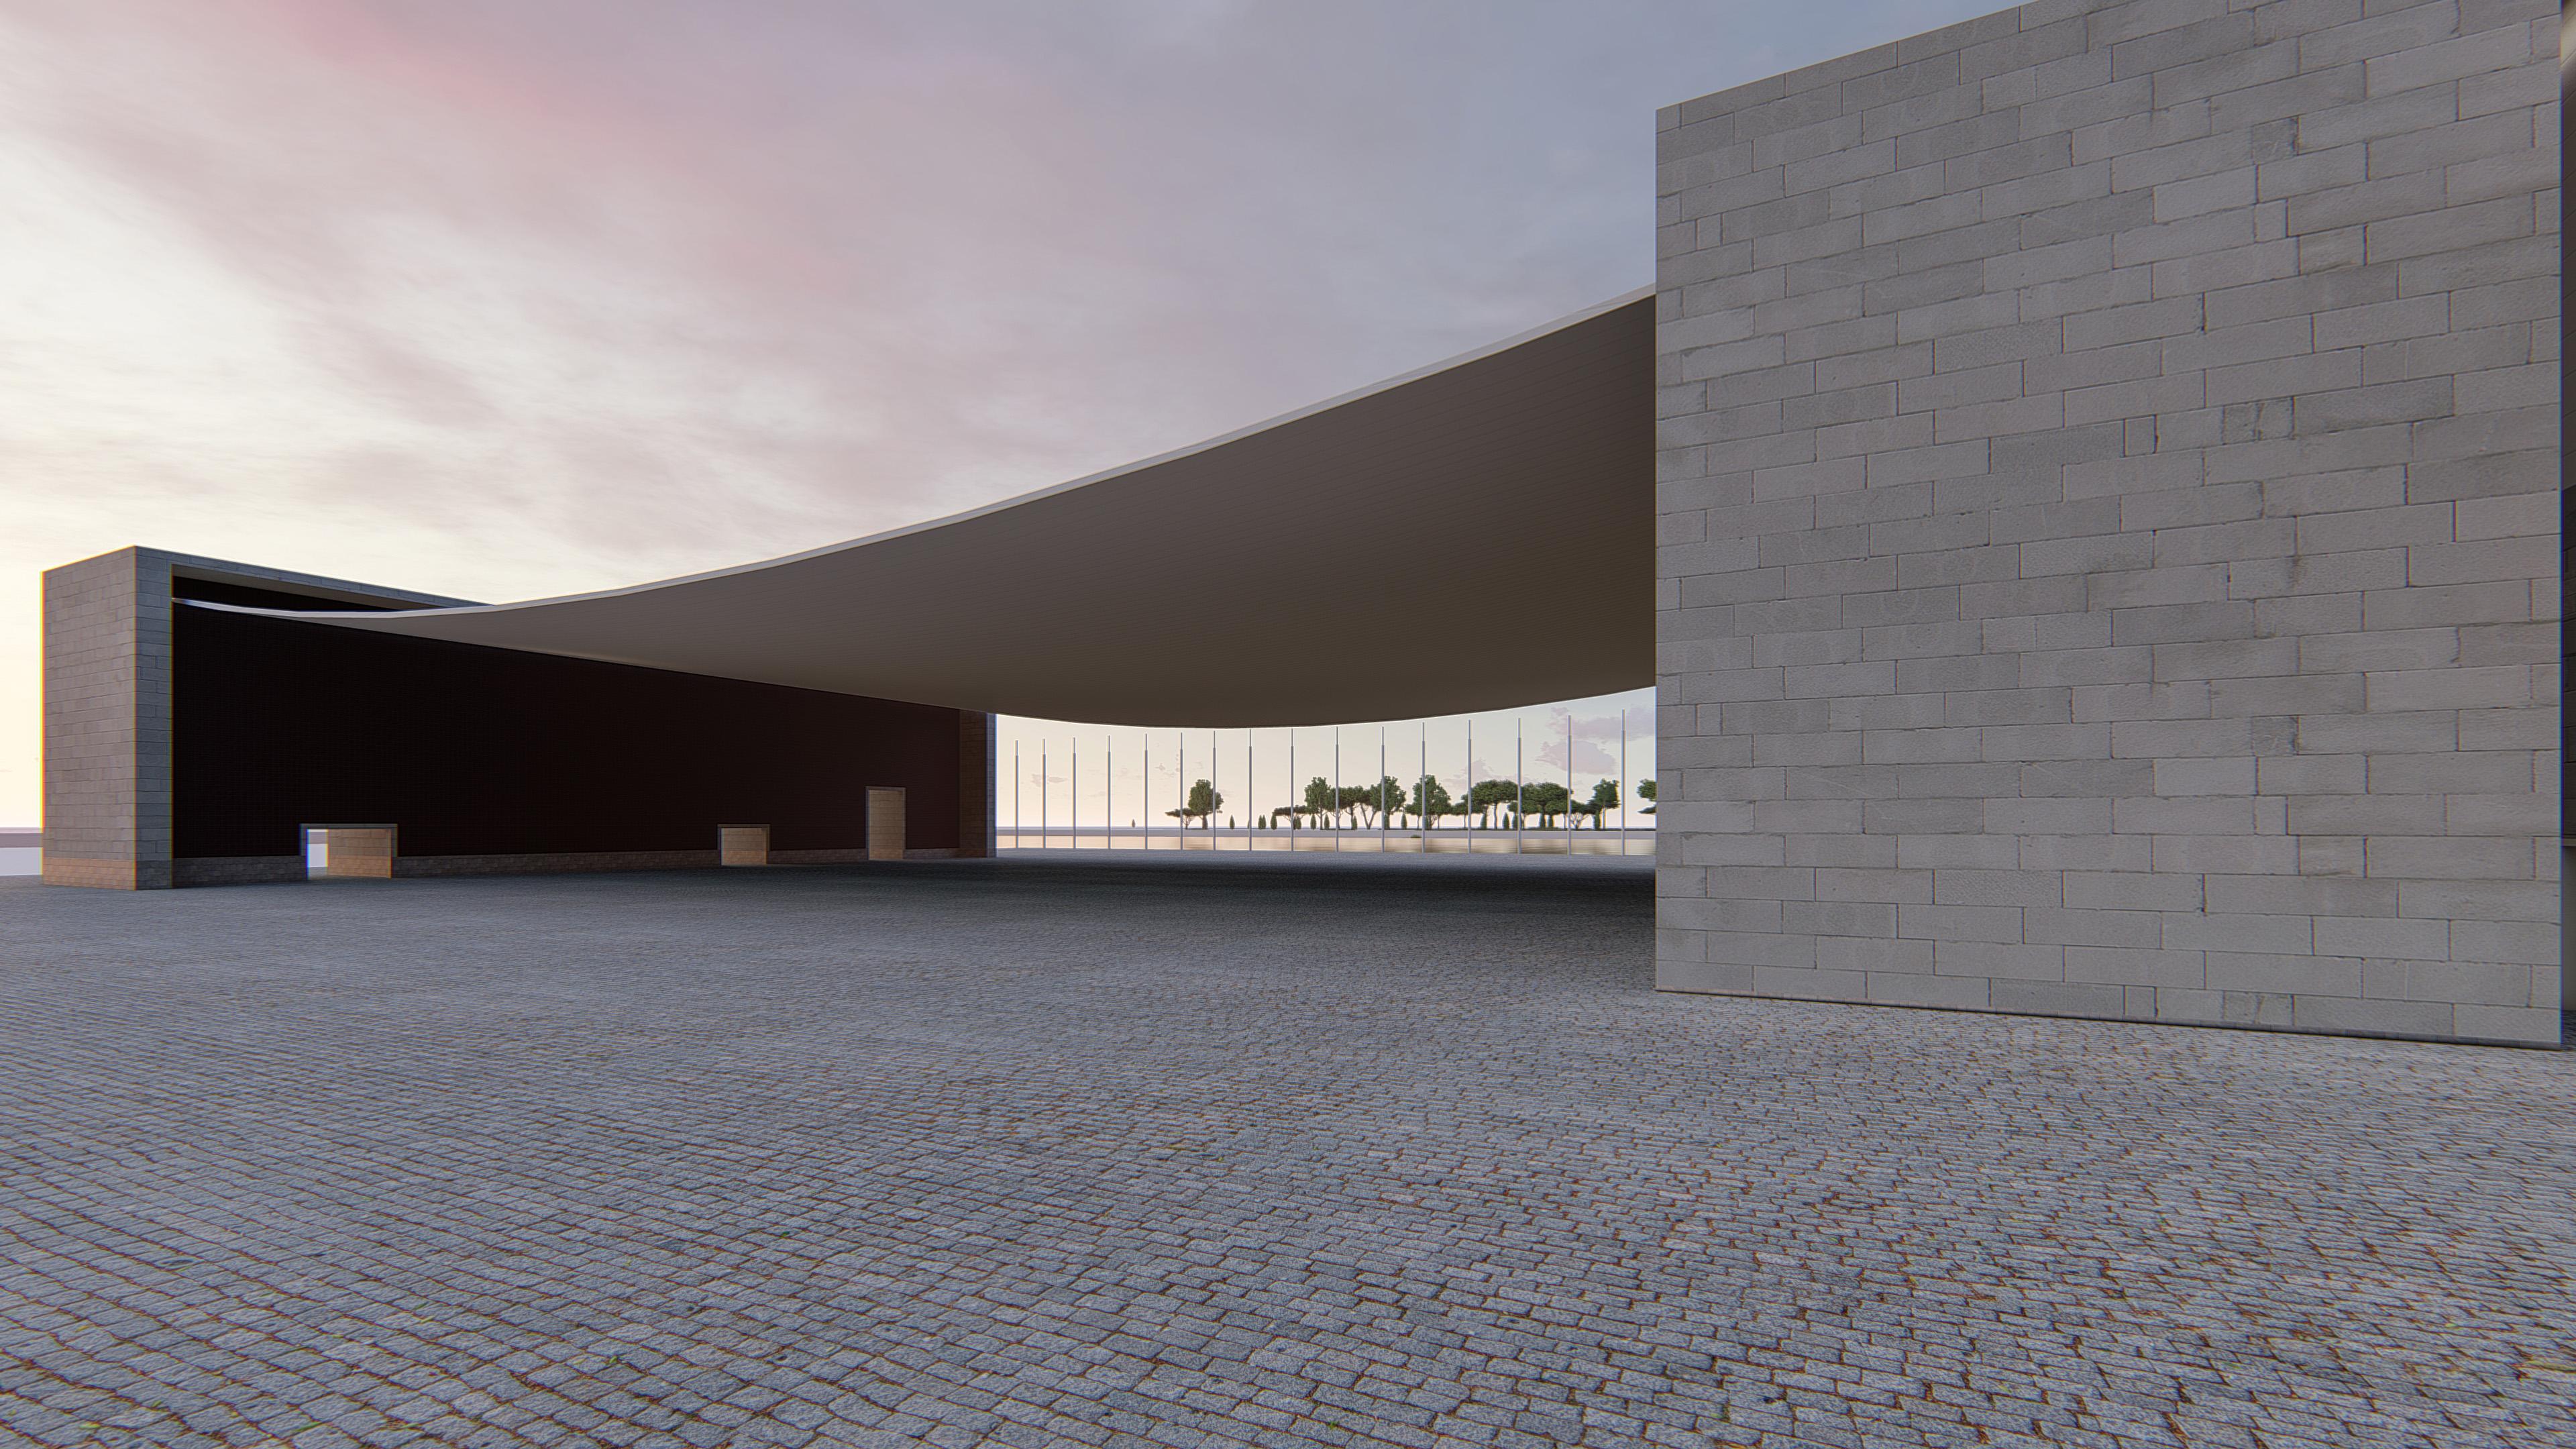 Pavilion-Fotorealistische-Rendering in Wien, Virtuelle Foto, architekturvisualisierung